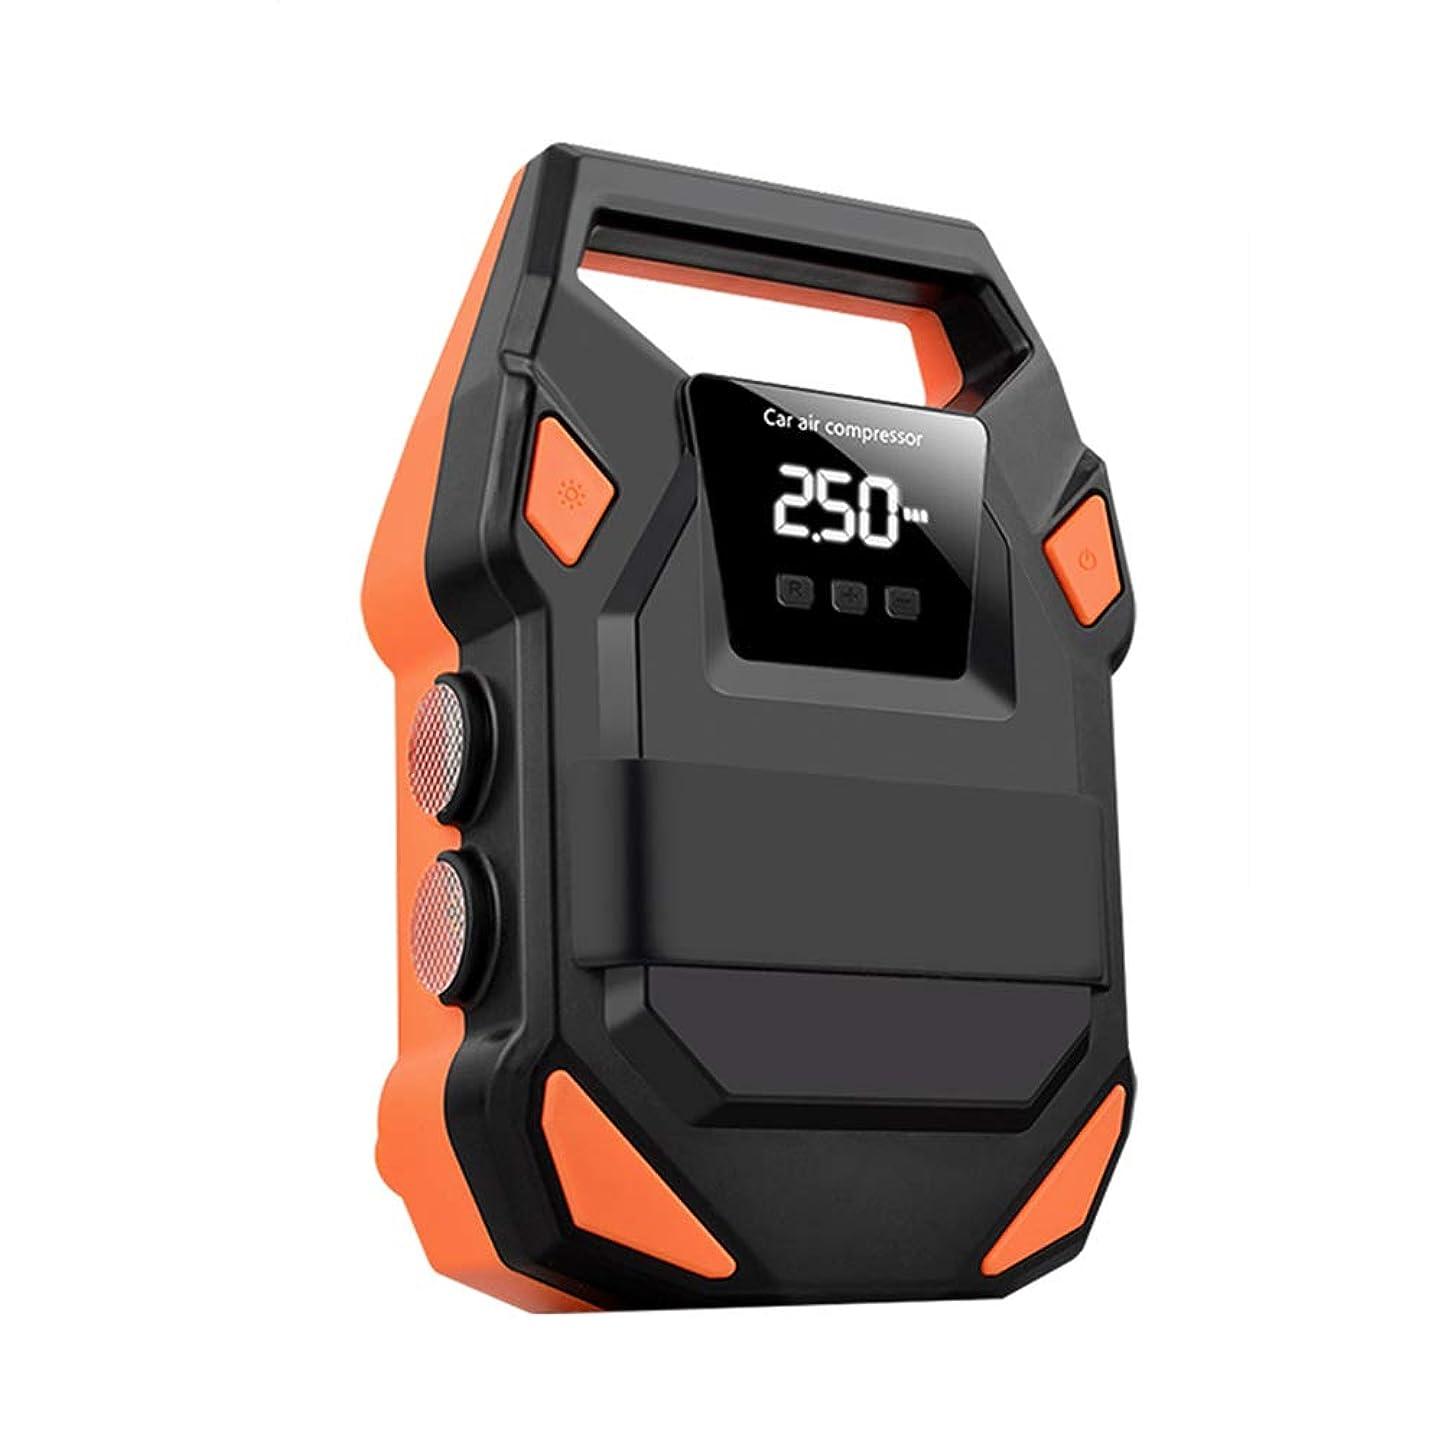 基礎マラソン怒ってQXKMZ エアコンプレッサ, タイヤのインフレーターの自動タイヤポンプ圧力計が付いている携帯用デジタルタイヤのインフレーター、貯えること容易なLEDライト